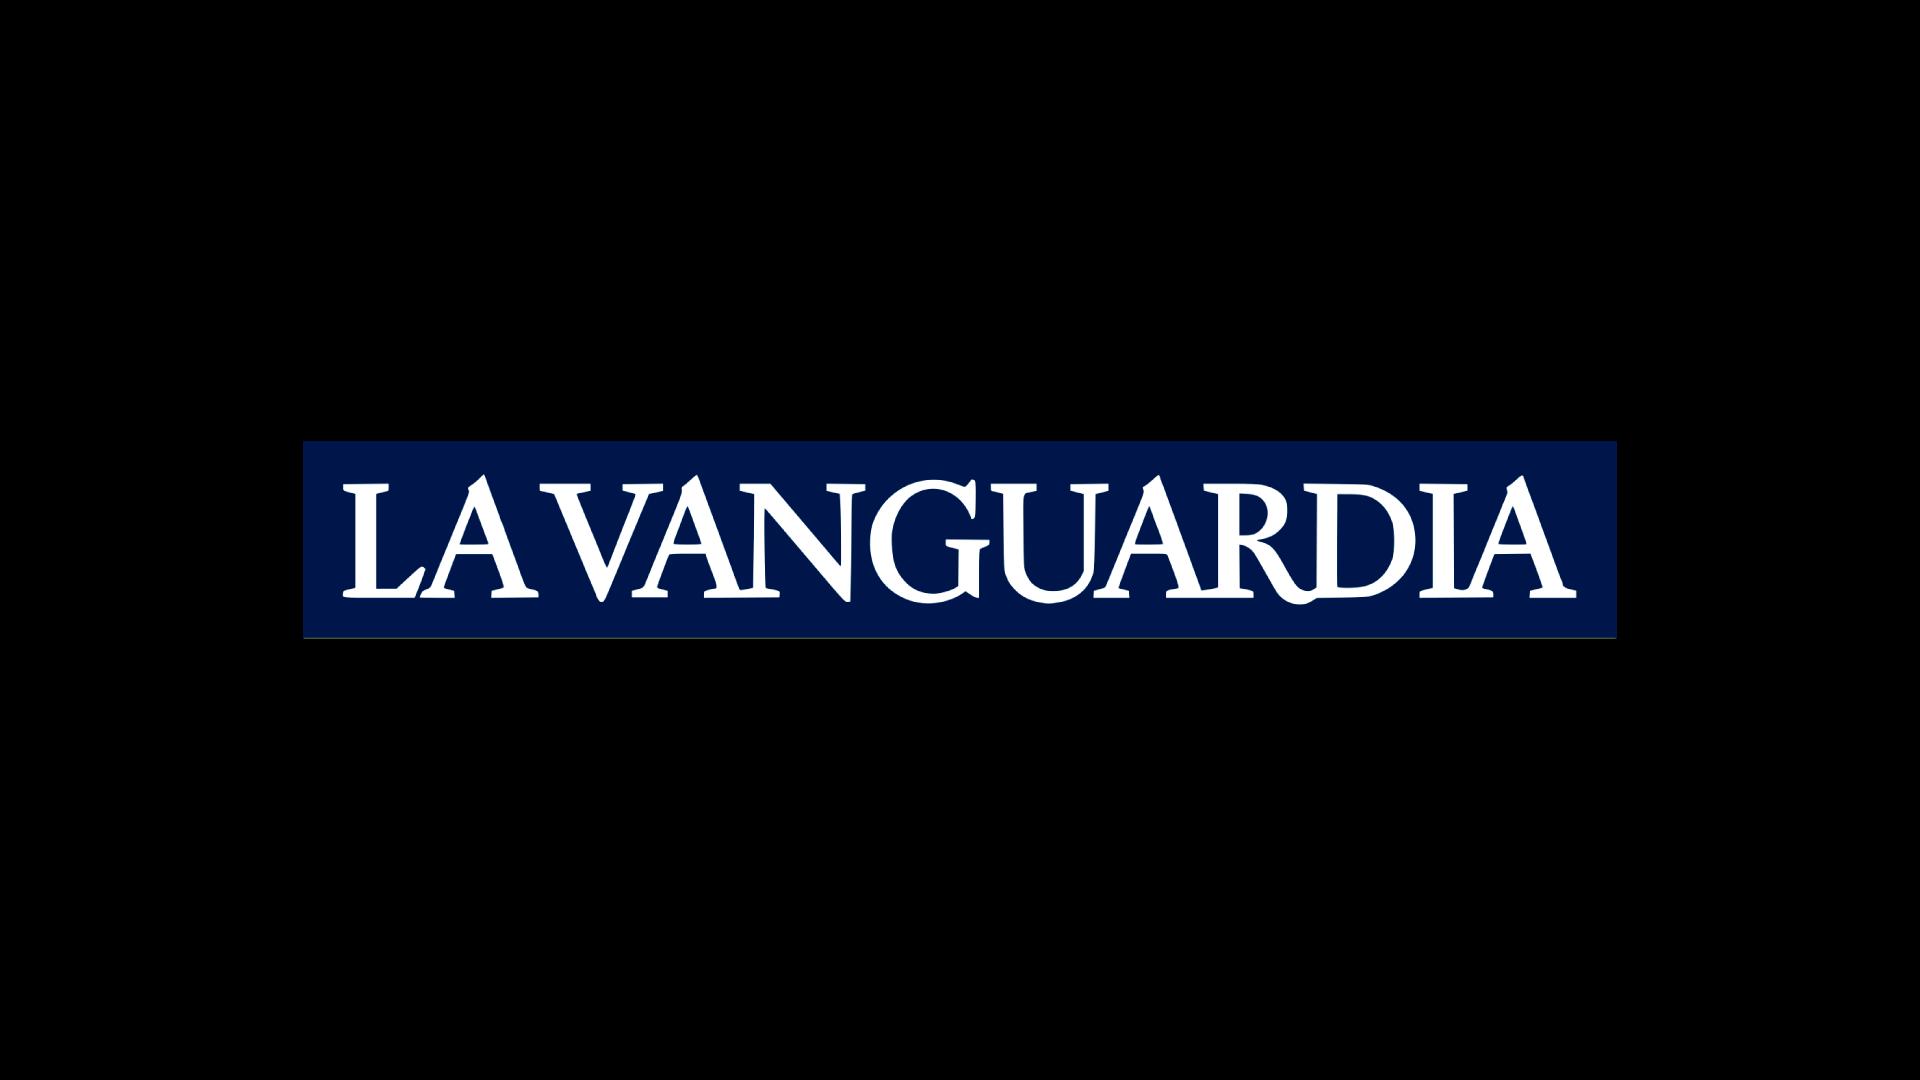 La Vanguardia TV en directo, Online